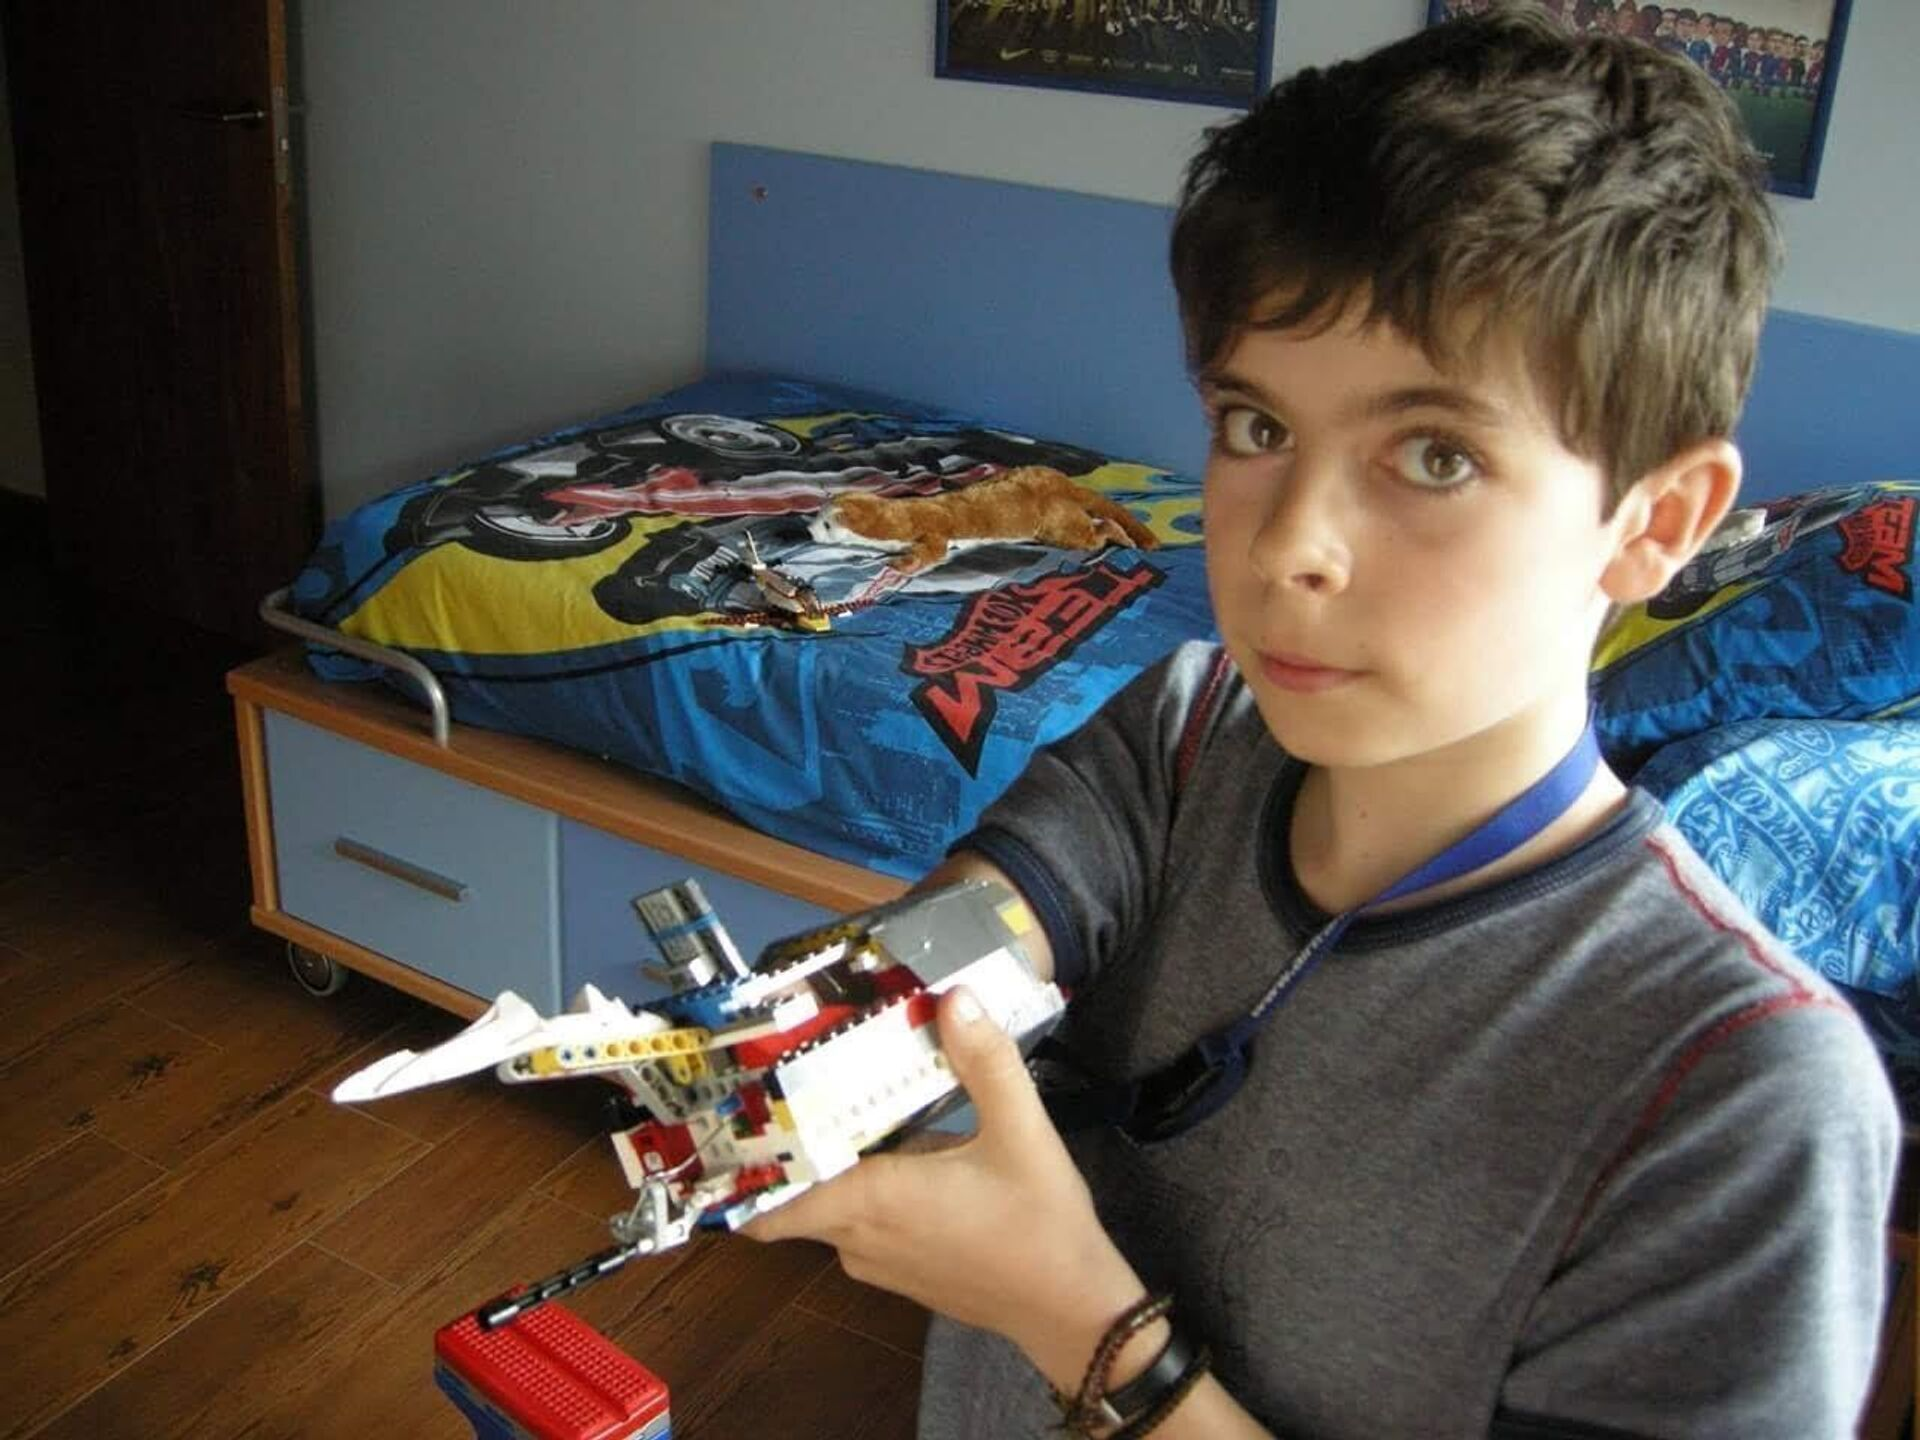 David Aguilar y su primera prótesis hecha con piezas de Lego - Sputnik Mundo, 1920, 17.09.2021